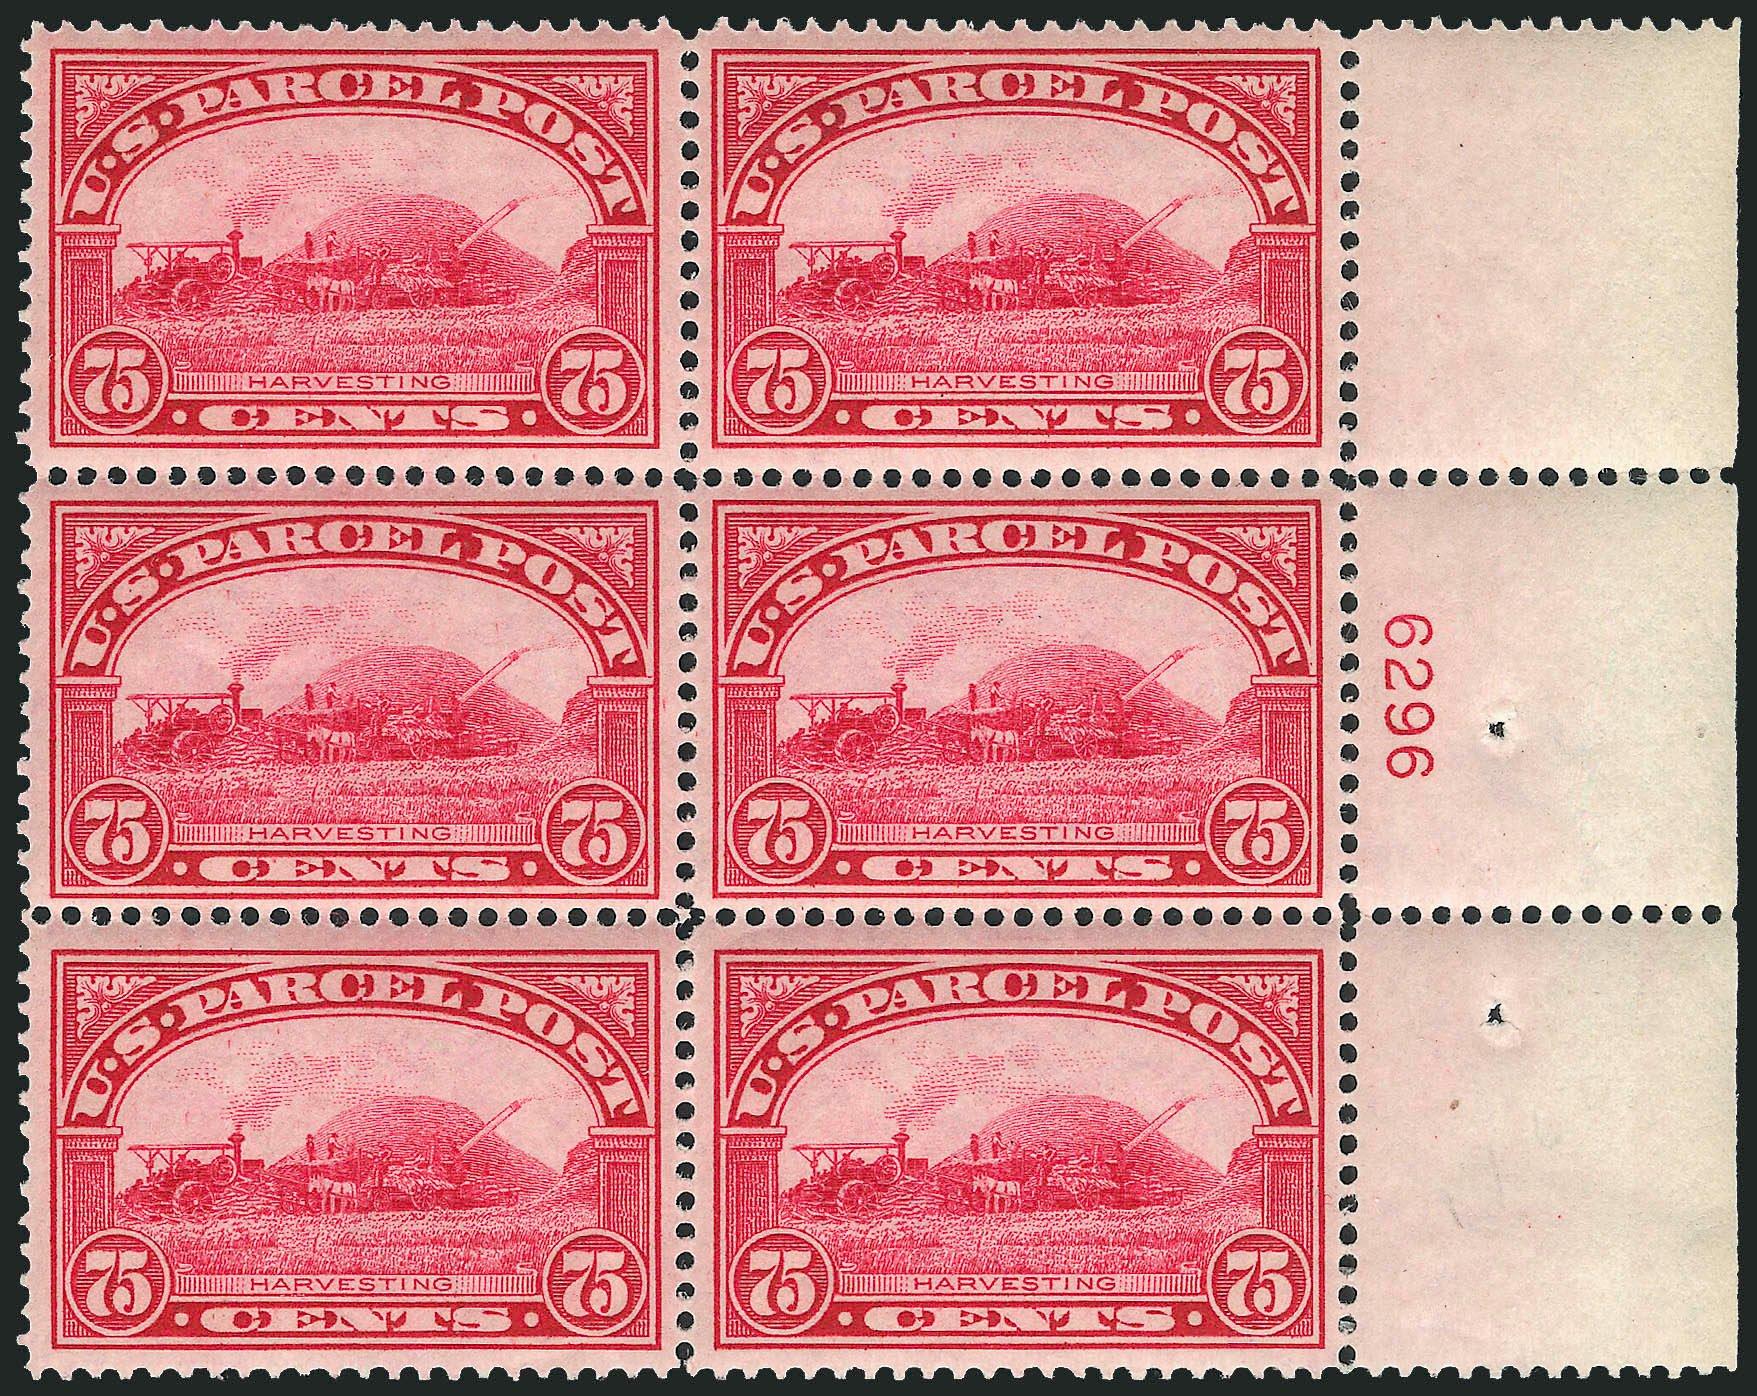 US Stamps Prices Scott # Q11: 75c 1913 Parcel Post. Robert Siegel Auction Galleries, Apr 2009, Sale 971, Lot 2201